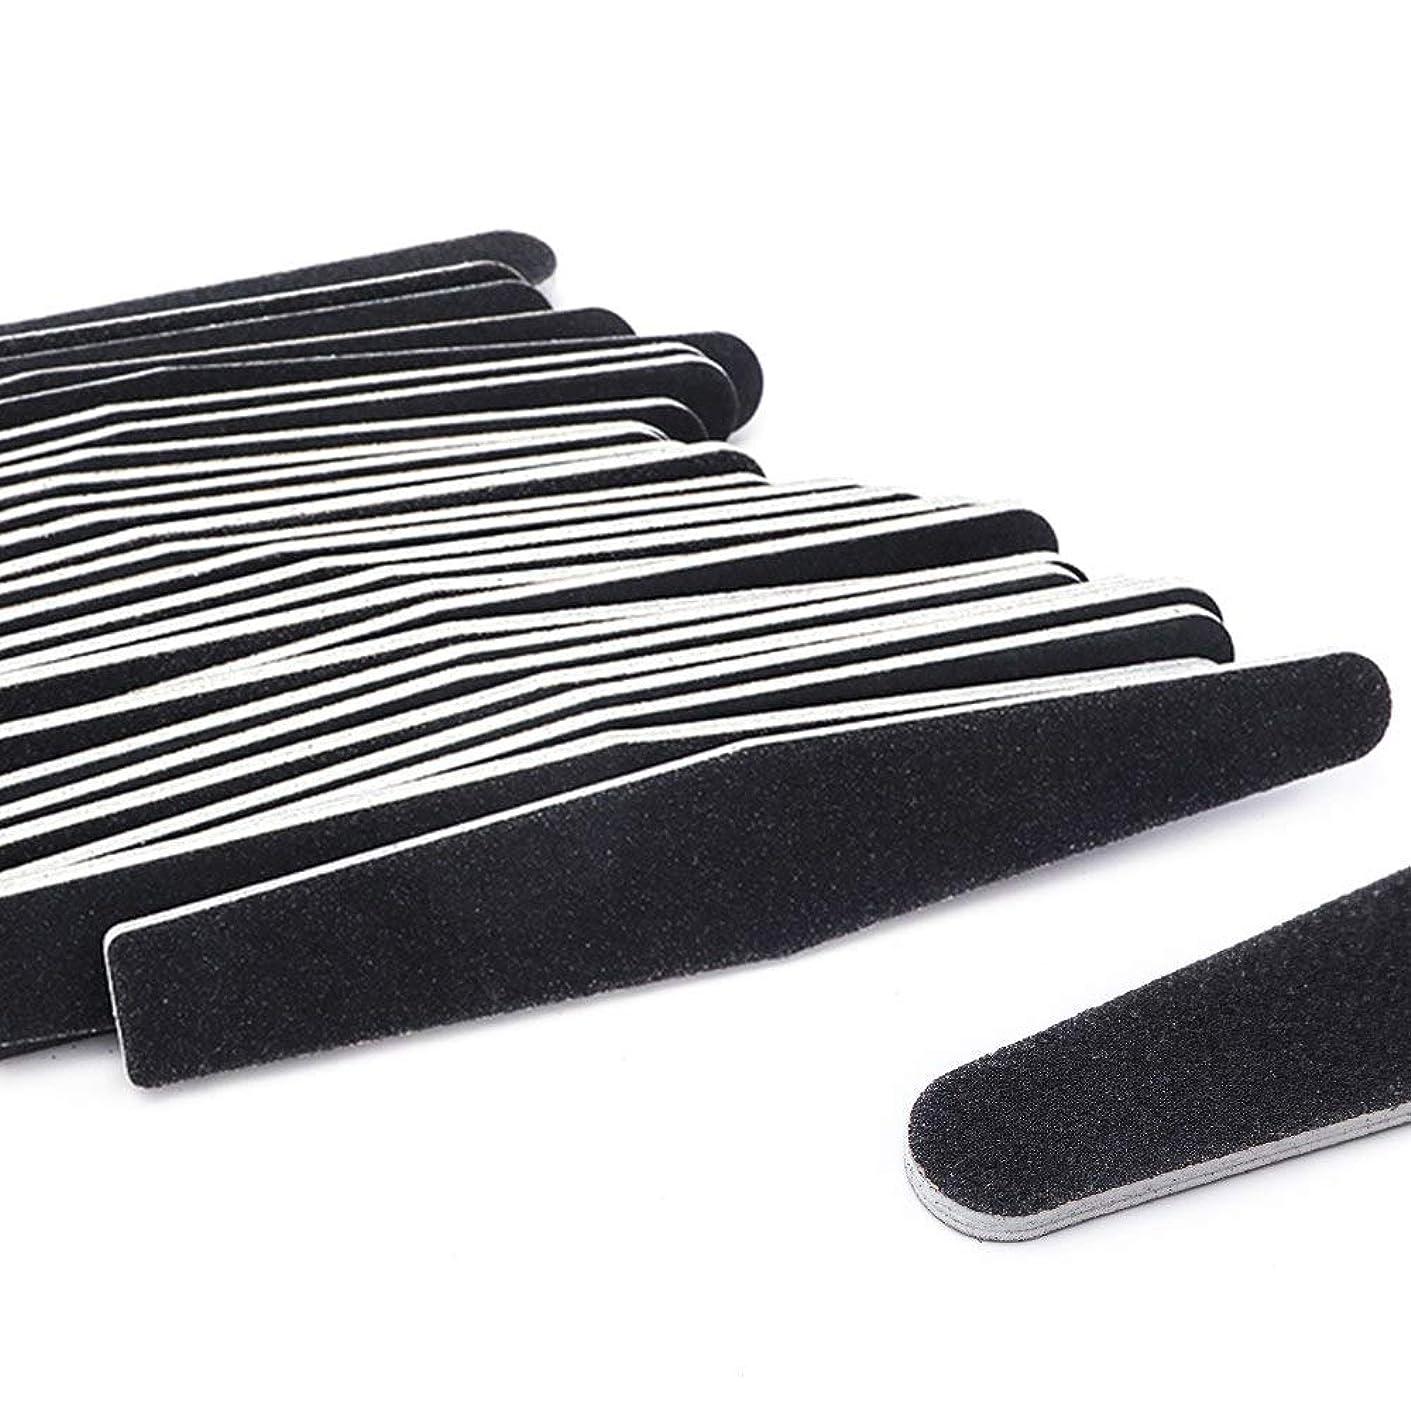 評価するかなりの再生5ピース/ロット黒サンディングネイルアートファイルバッファグリットストレートエッジスティックdiy研磨ブロックネイルファイルセットマニキュアツールSA833